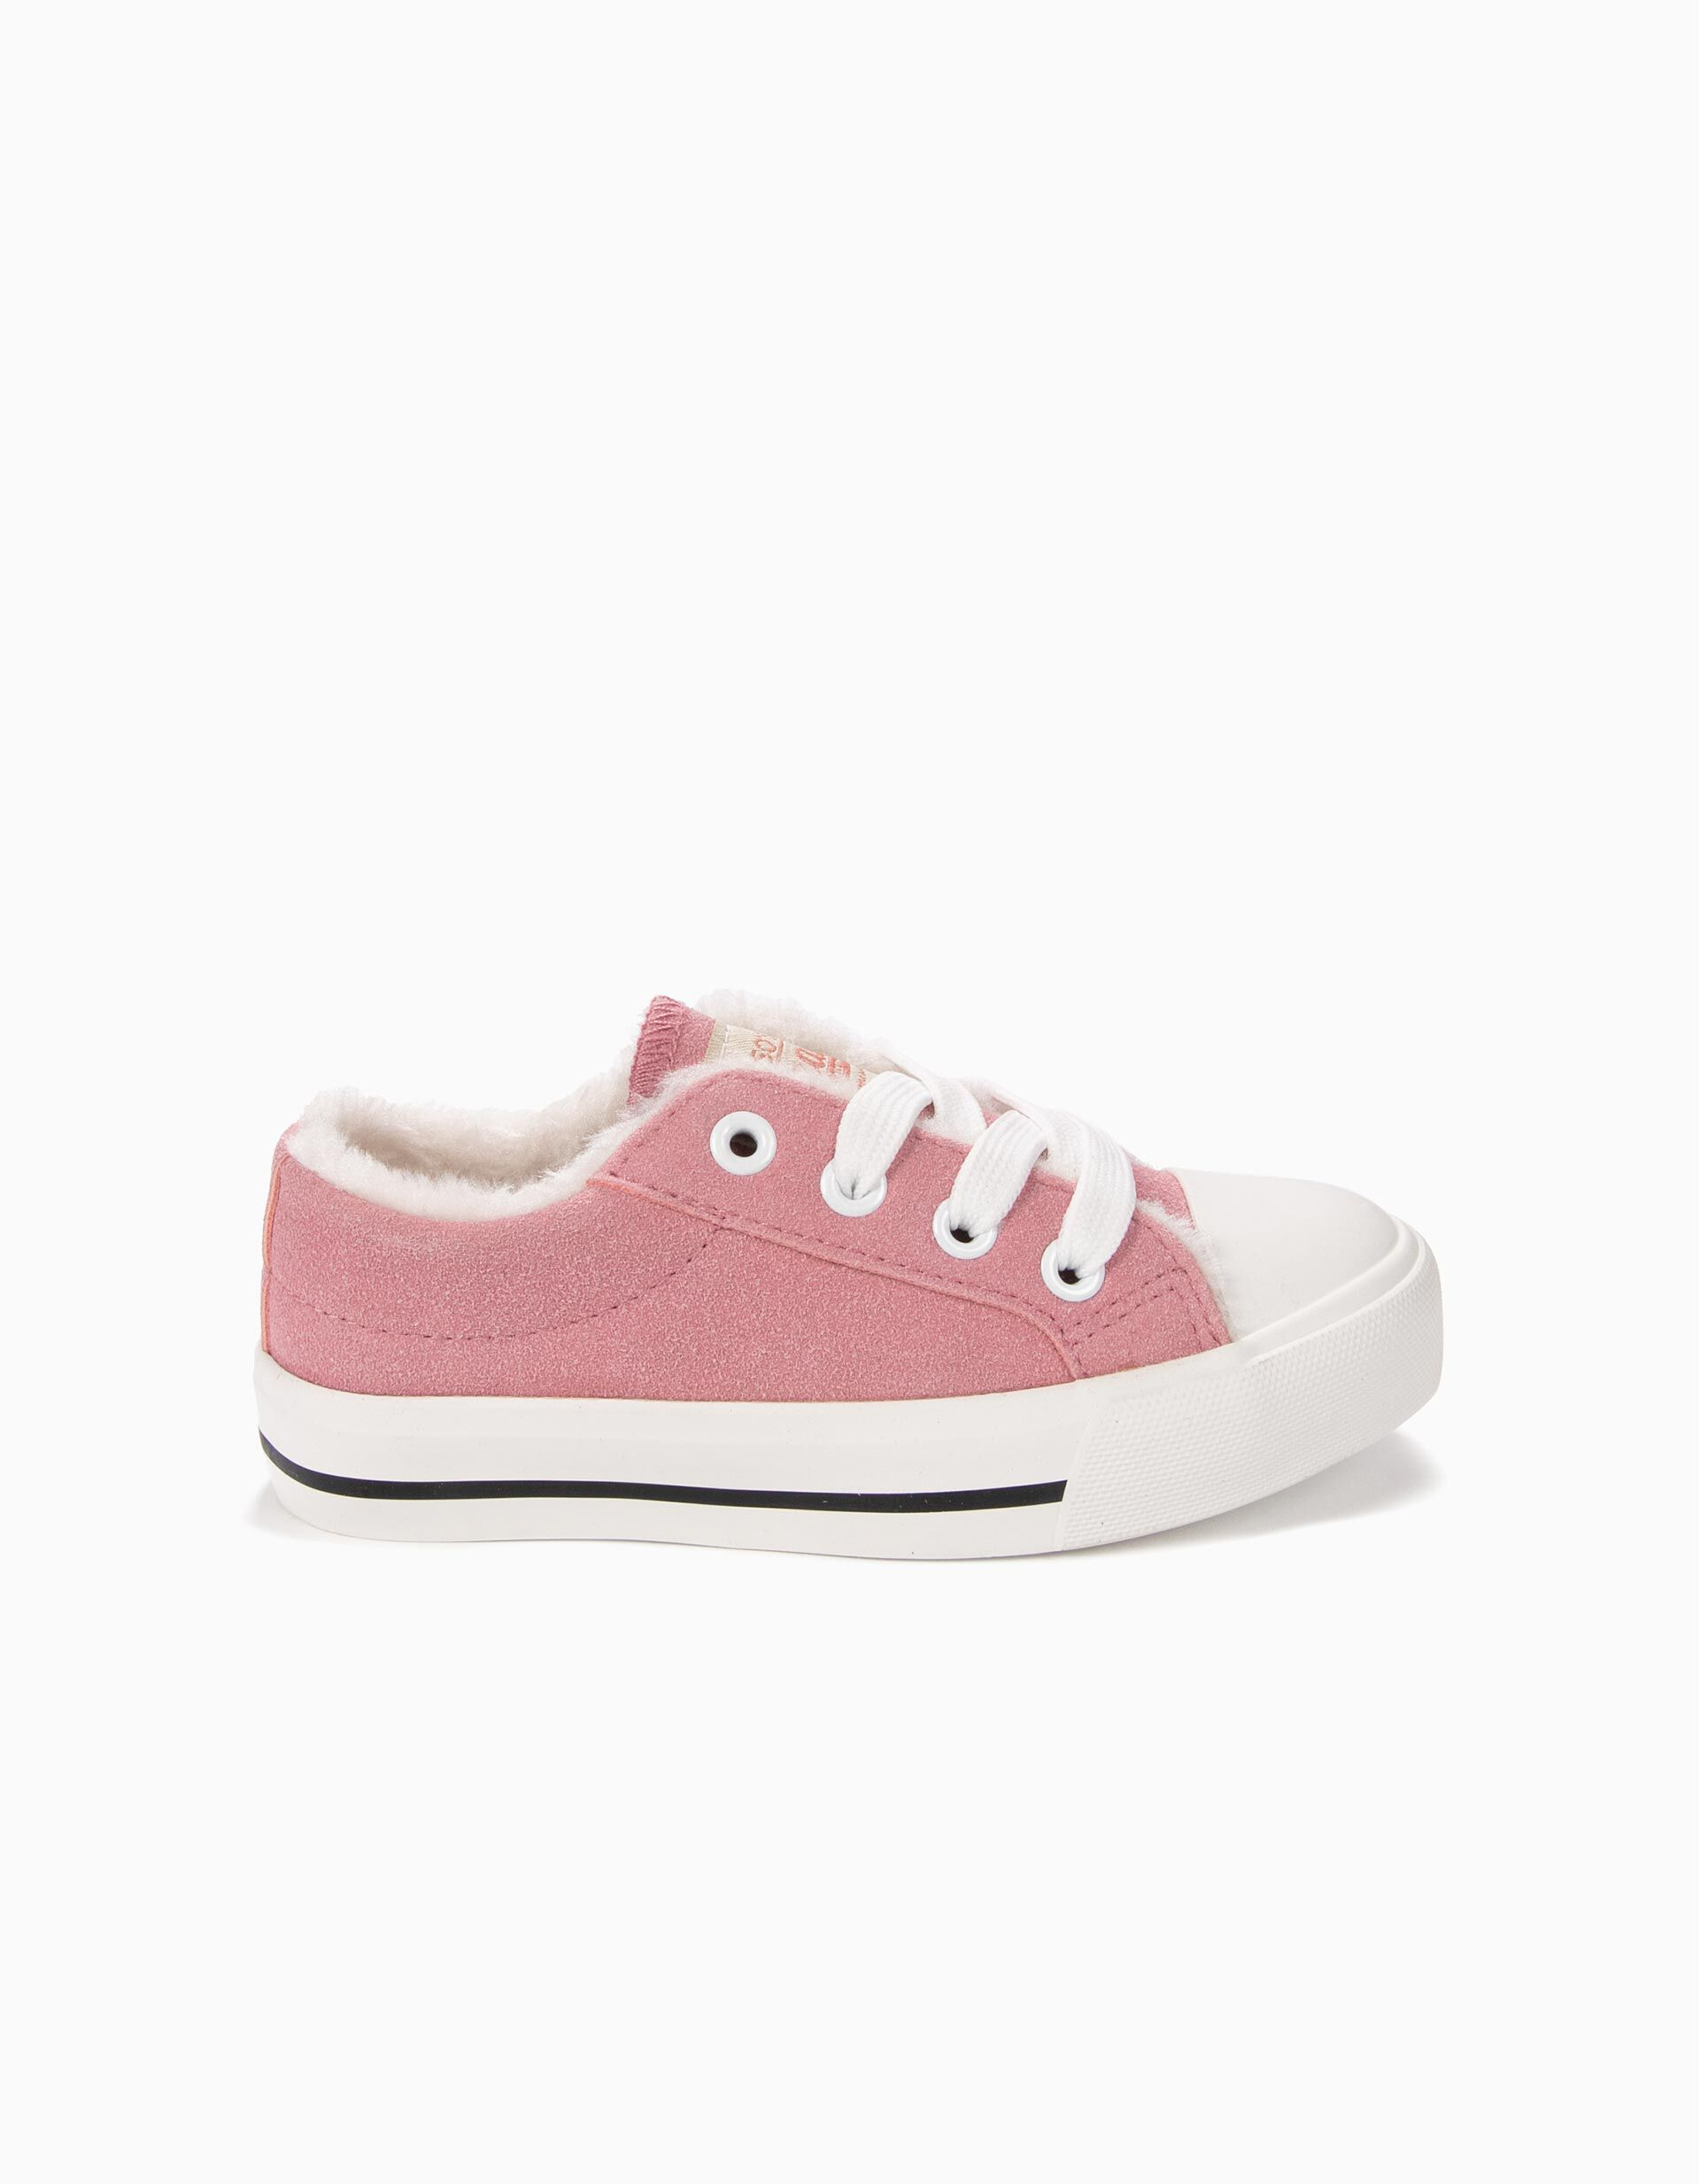 converse rosa claro niña